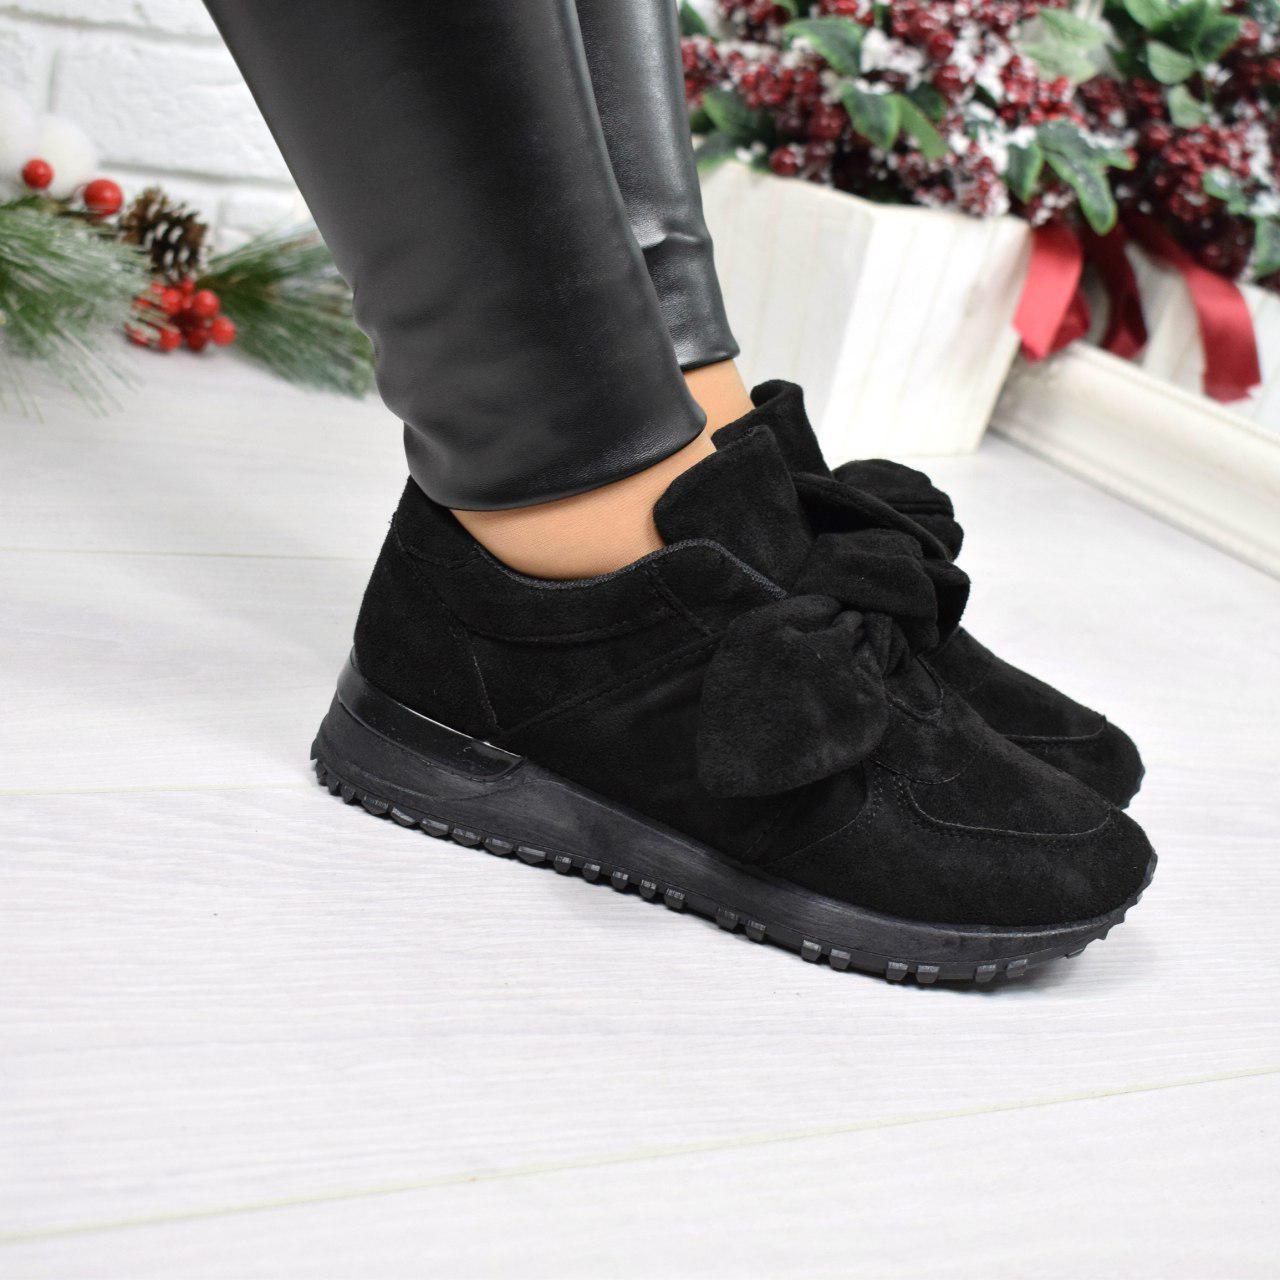 """(37 и 38 РАЗМЕРЫ) Кроссовки, кеды, мокасины женские черные """"Еar bow"""", спортивная обувь"""